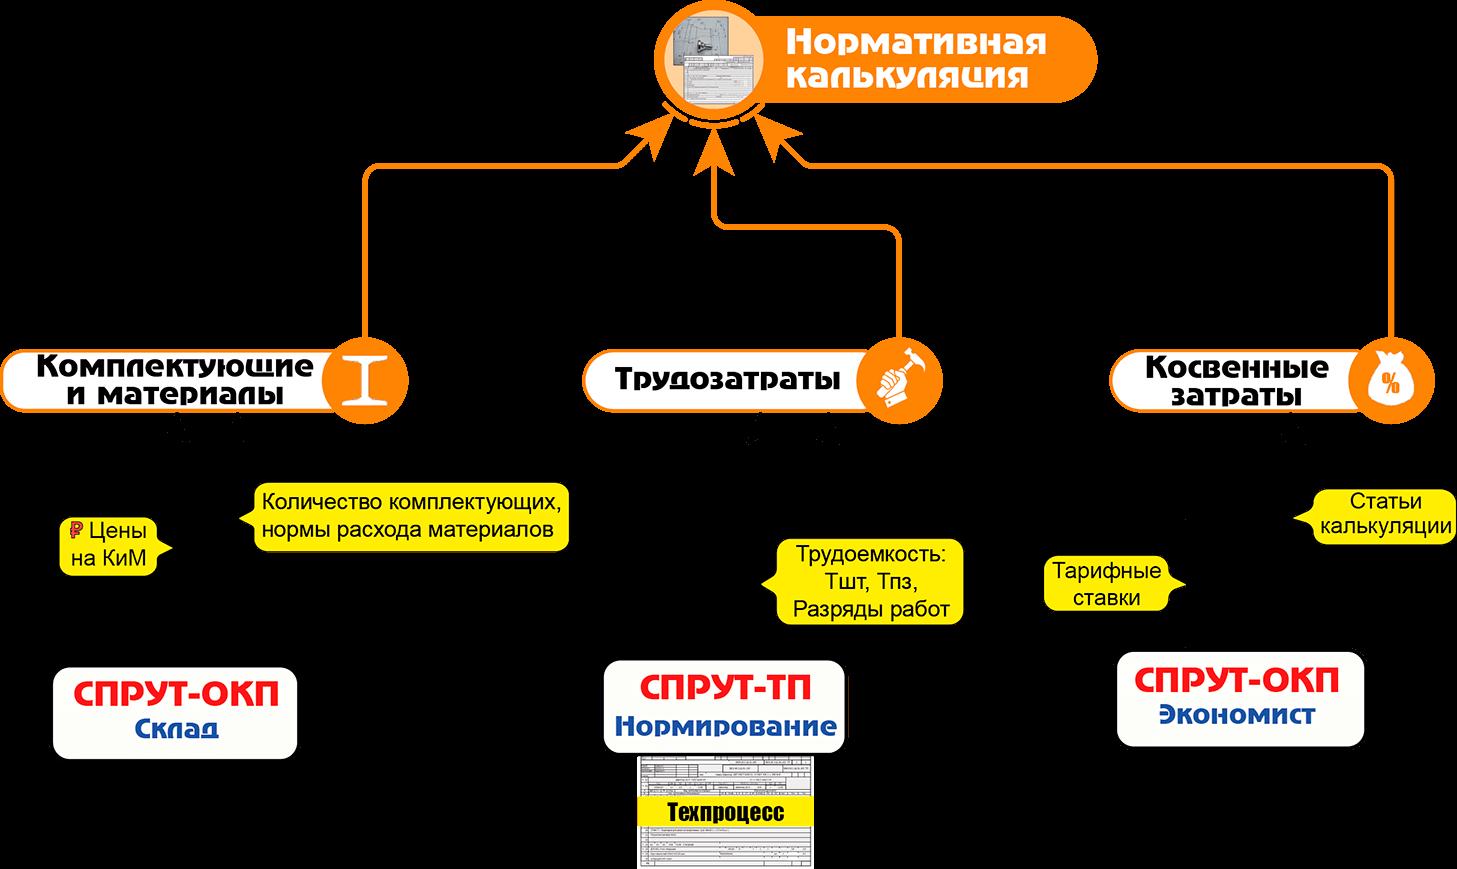 СПРУТ-ОКП планирование производства Экономика отчет по калькуляции нормативная